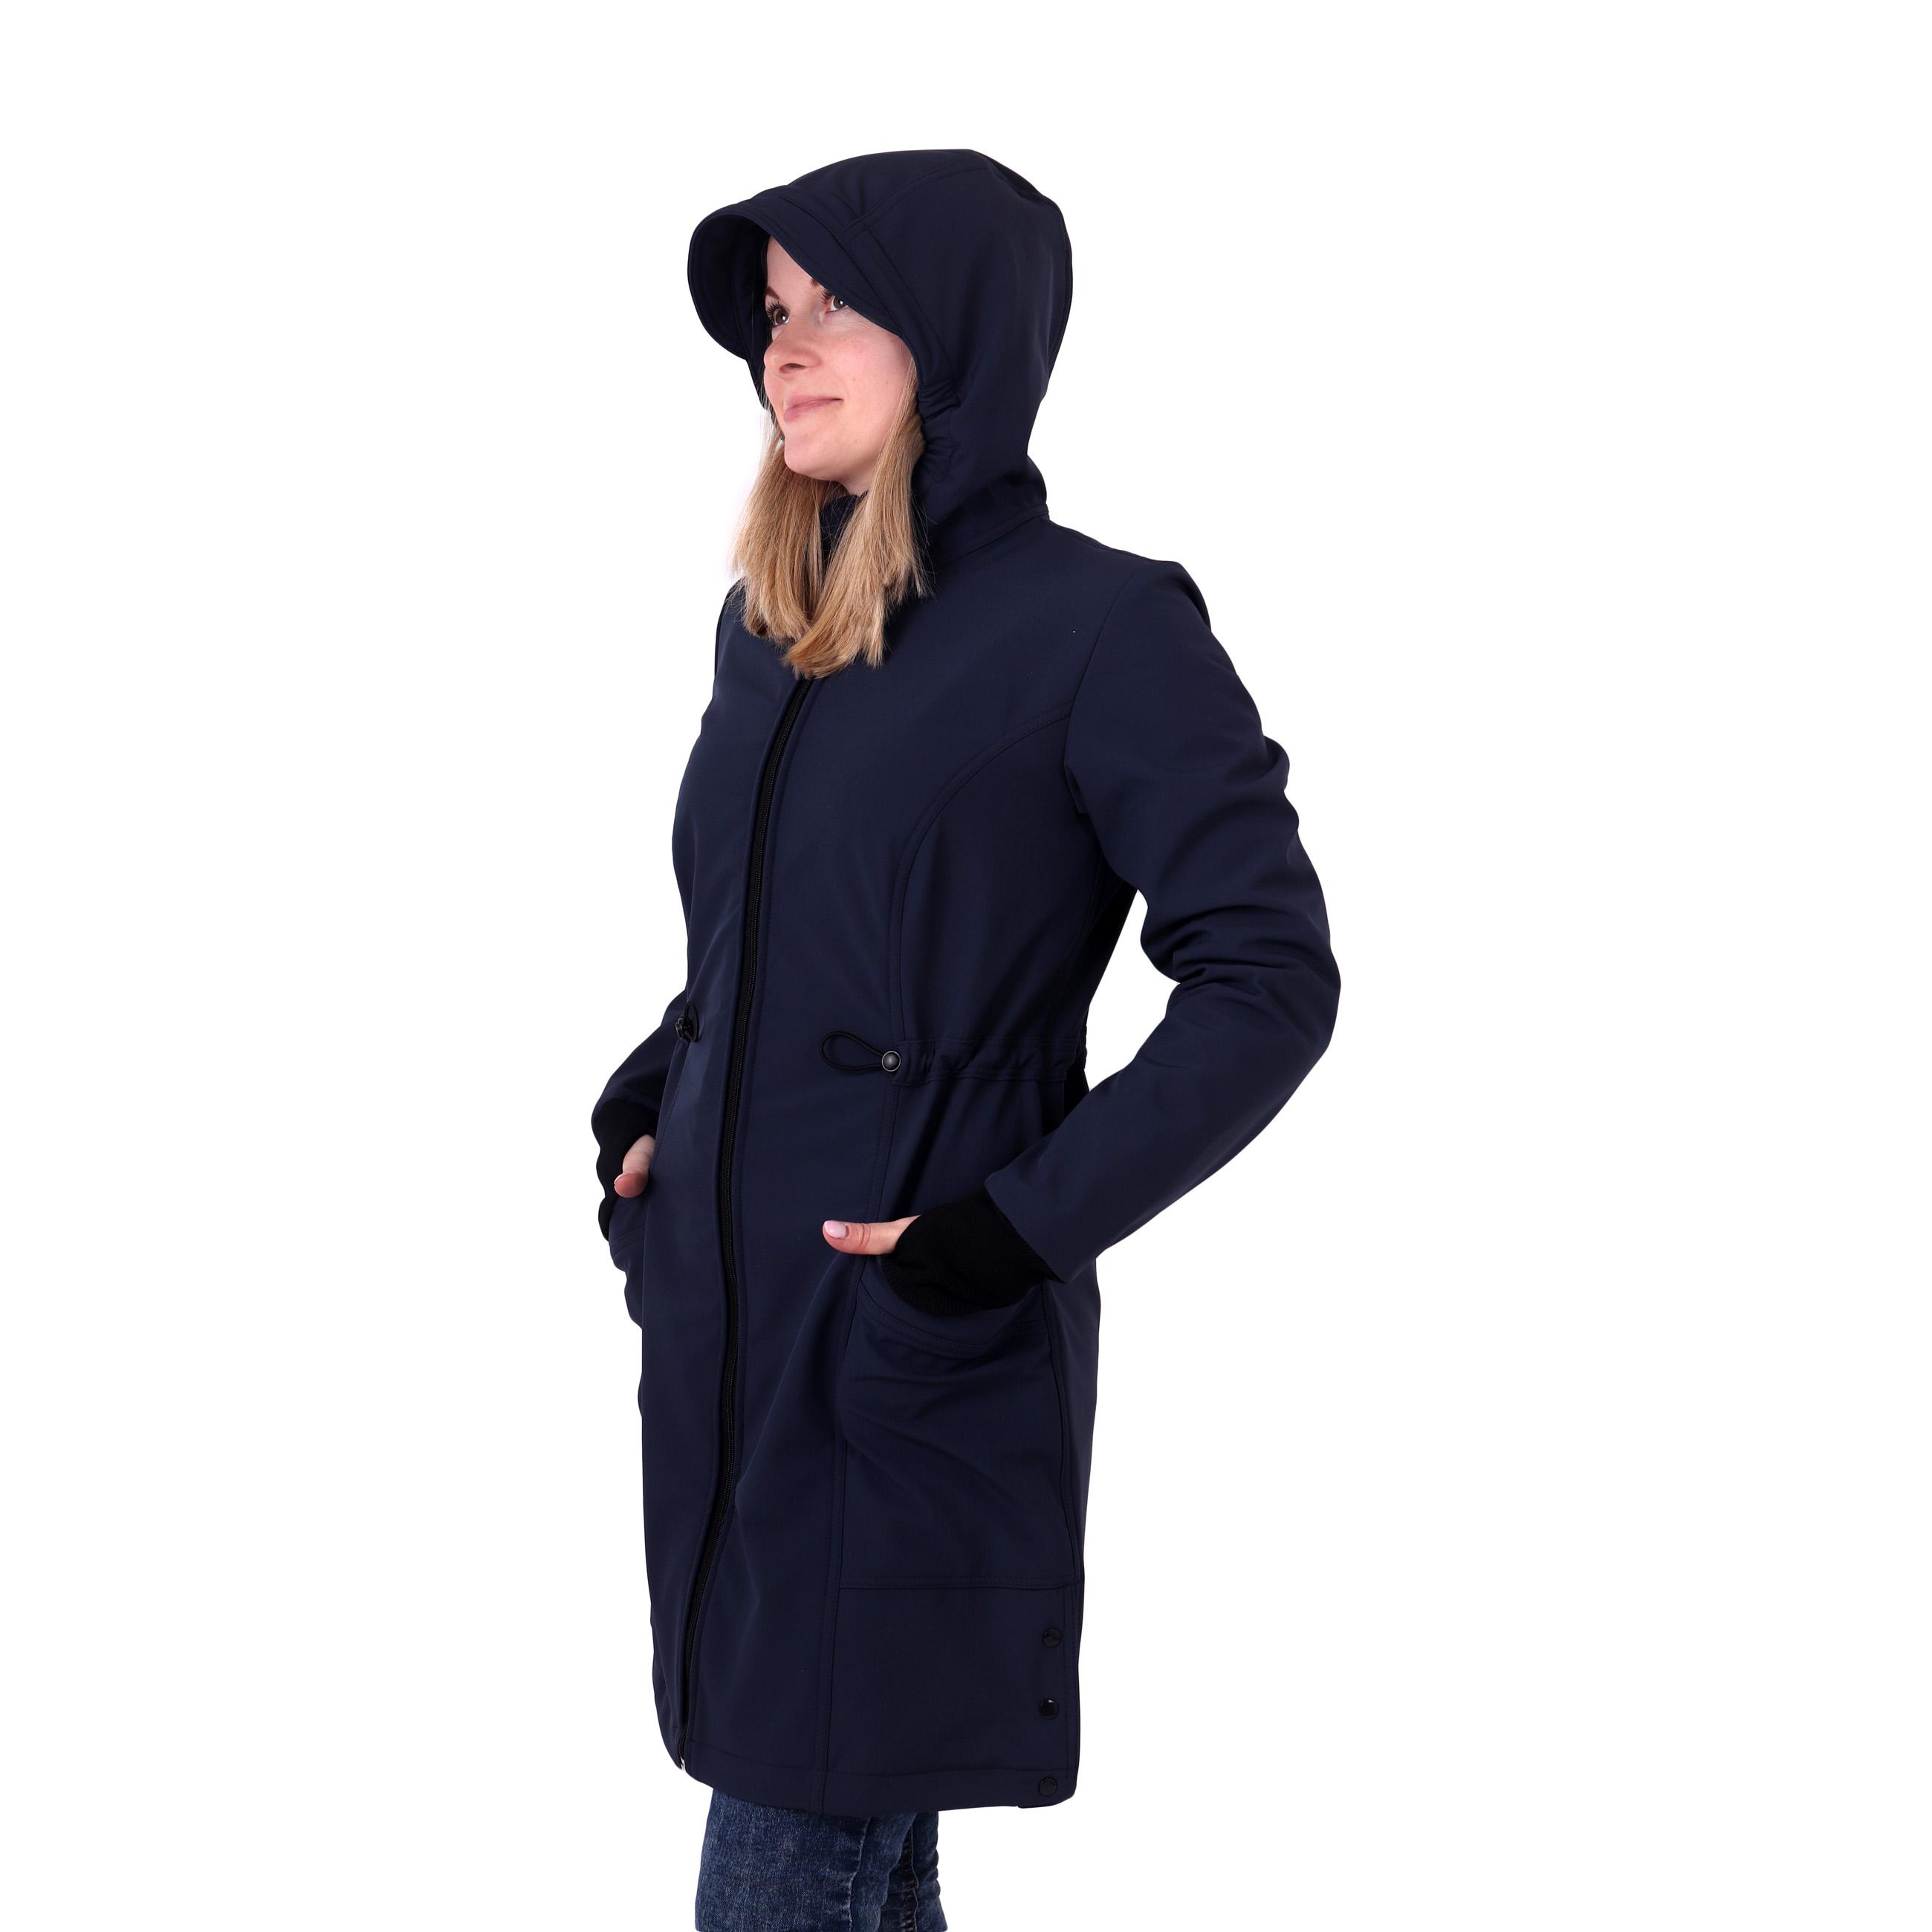 Dámský softshellový kabát hana, tmavě modrý, m